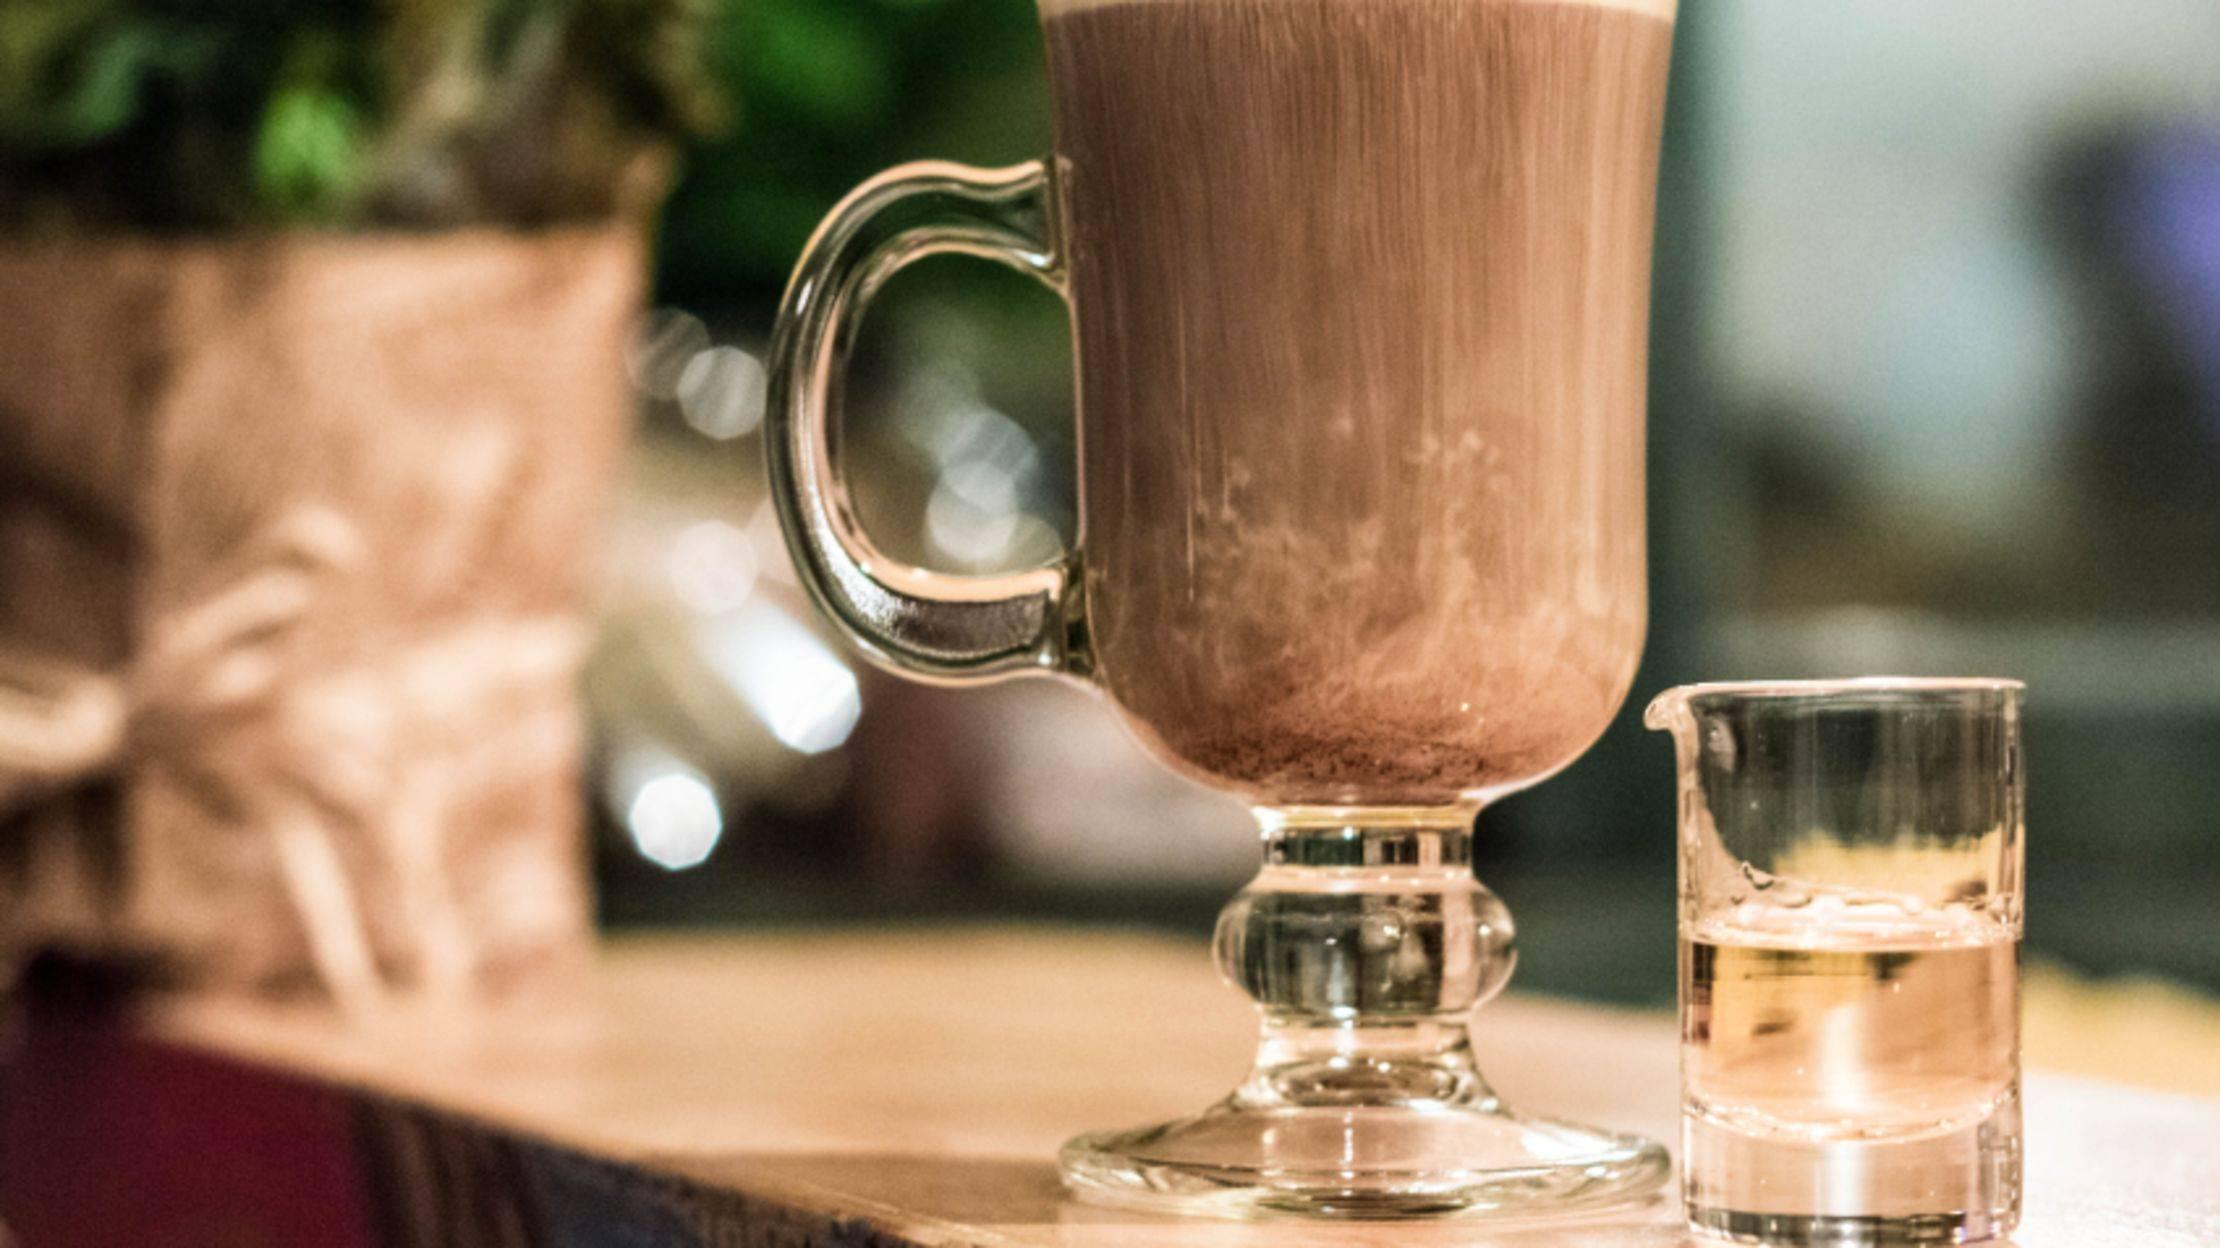 Рецепт кофейного коктейля — айриш кофе, он же ирландский кофе